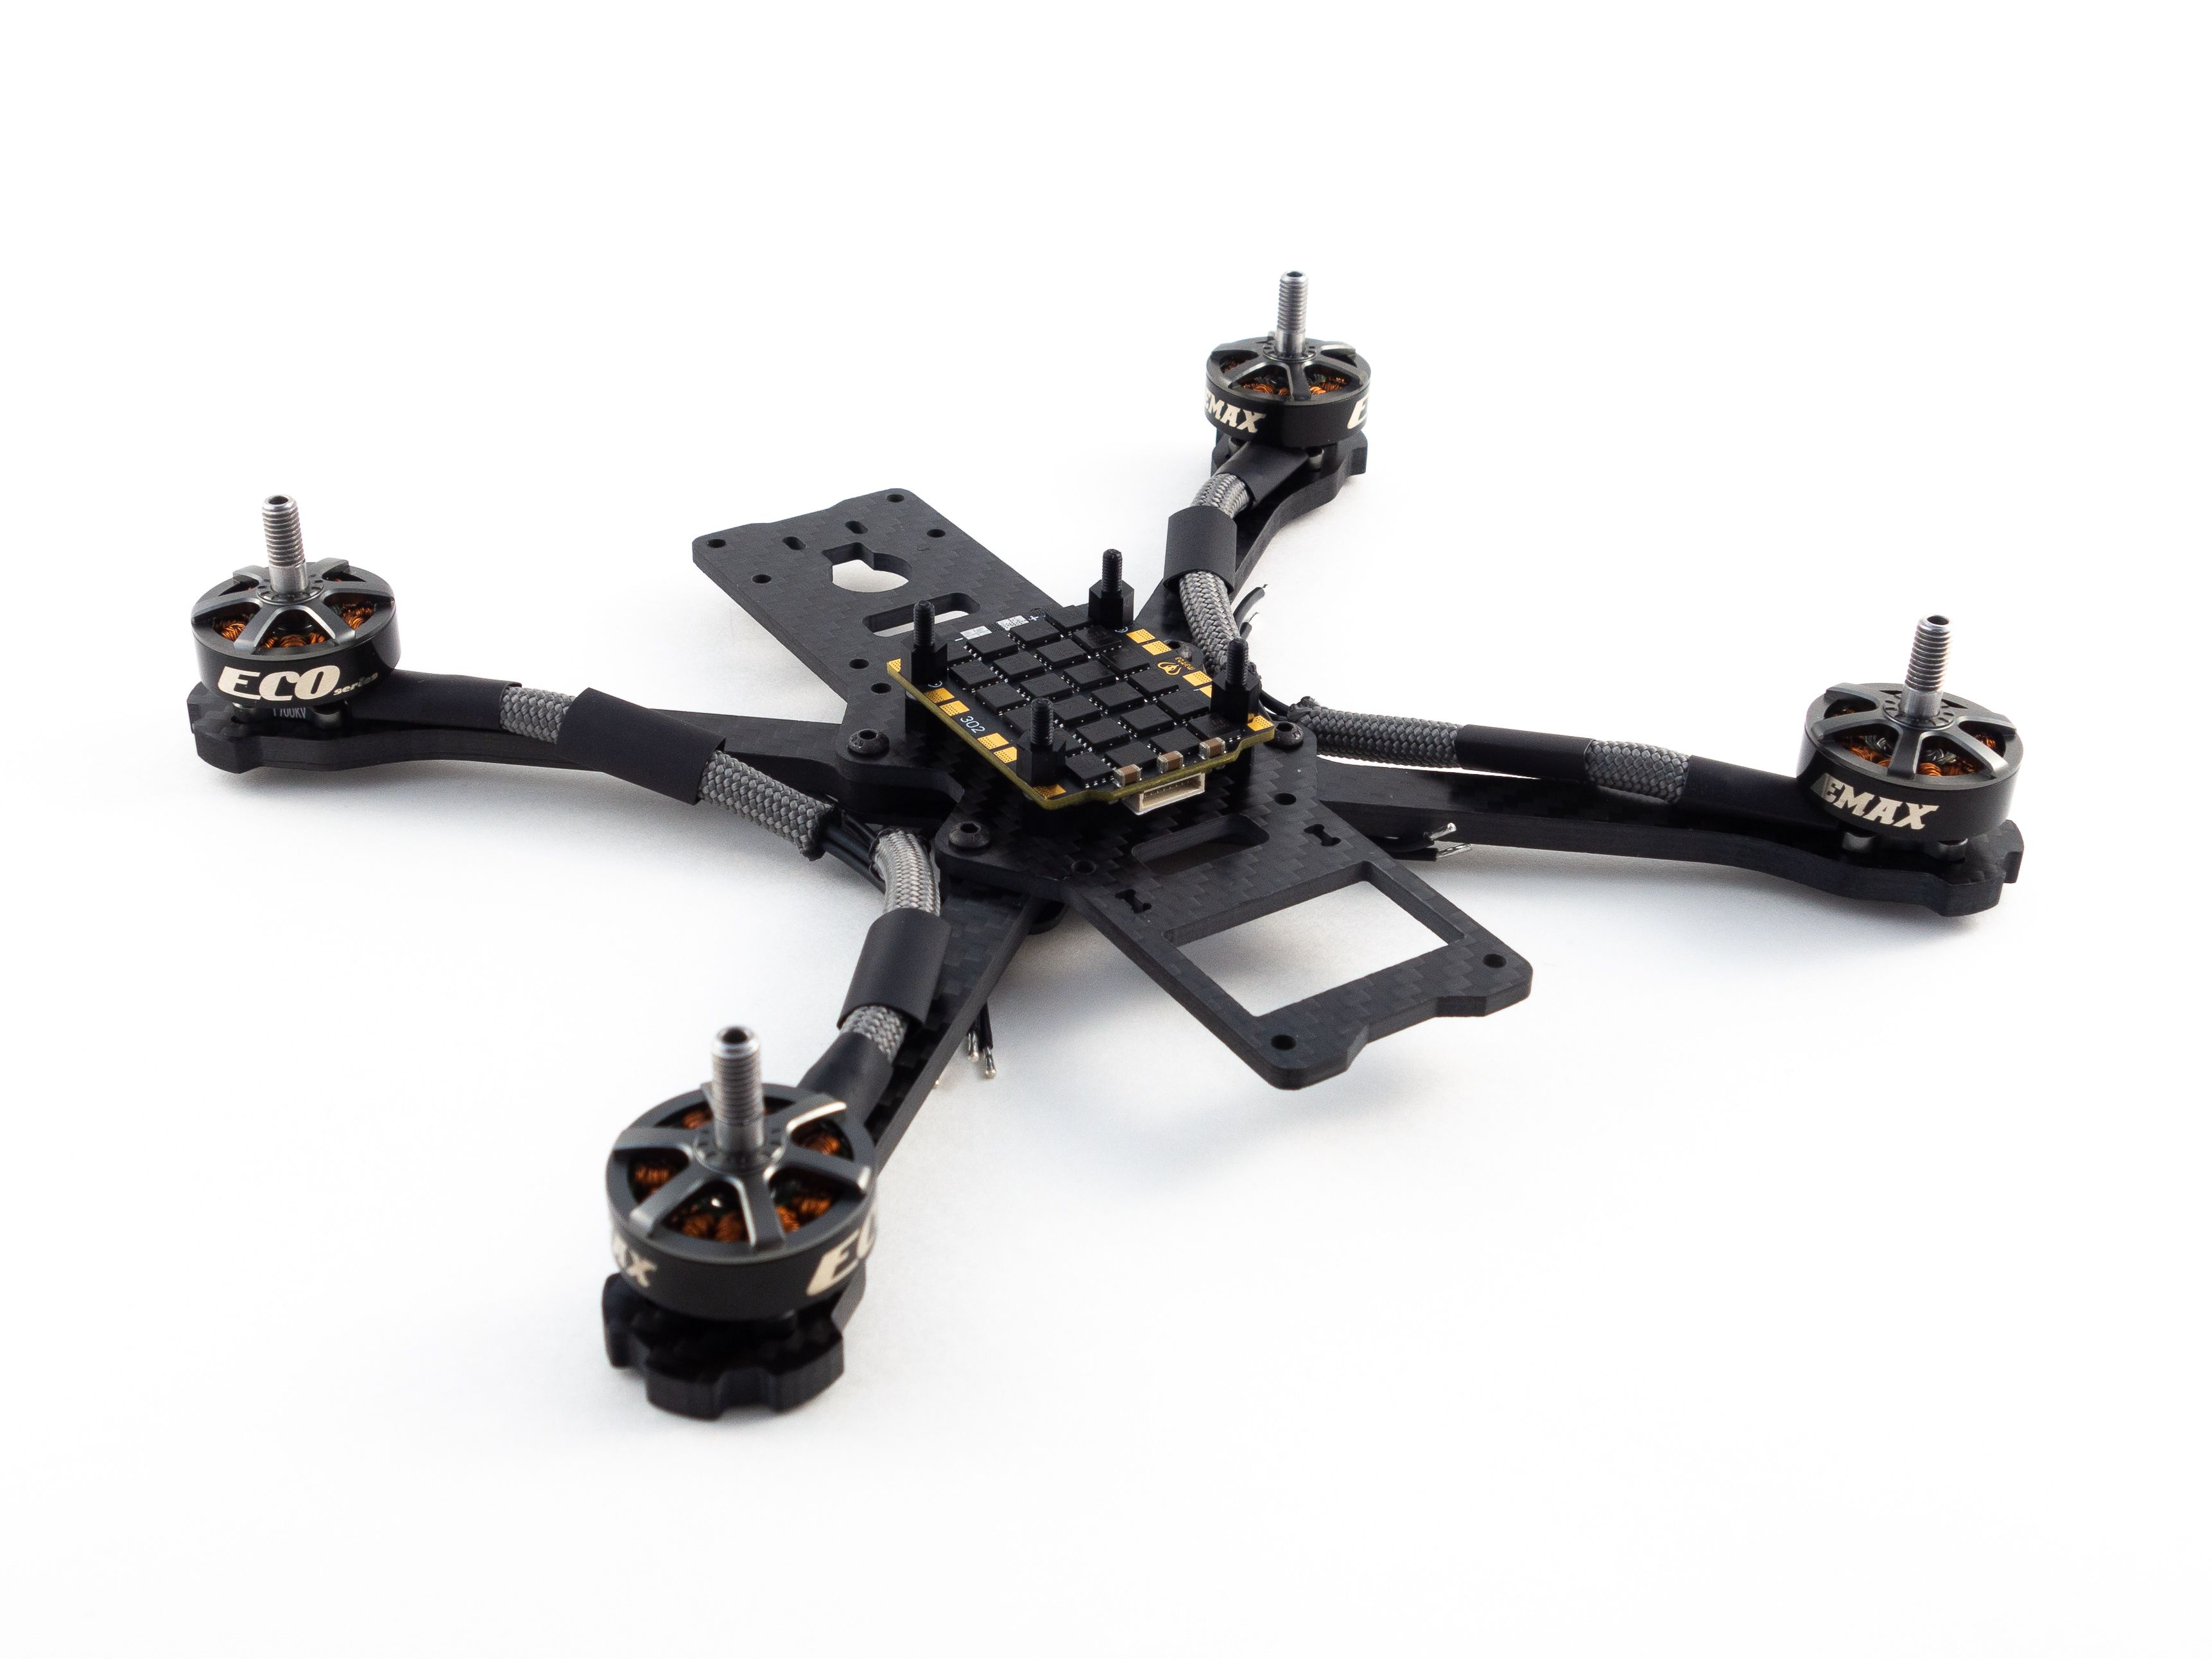 Как собрать гоночный квадрокоптер - конкурент дрона Wizard X220HV 6S Mark IV